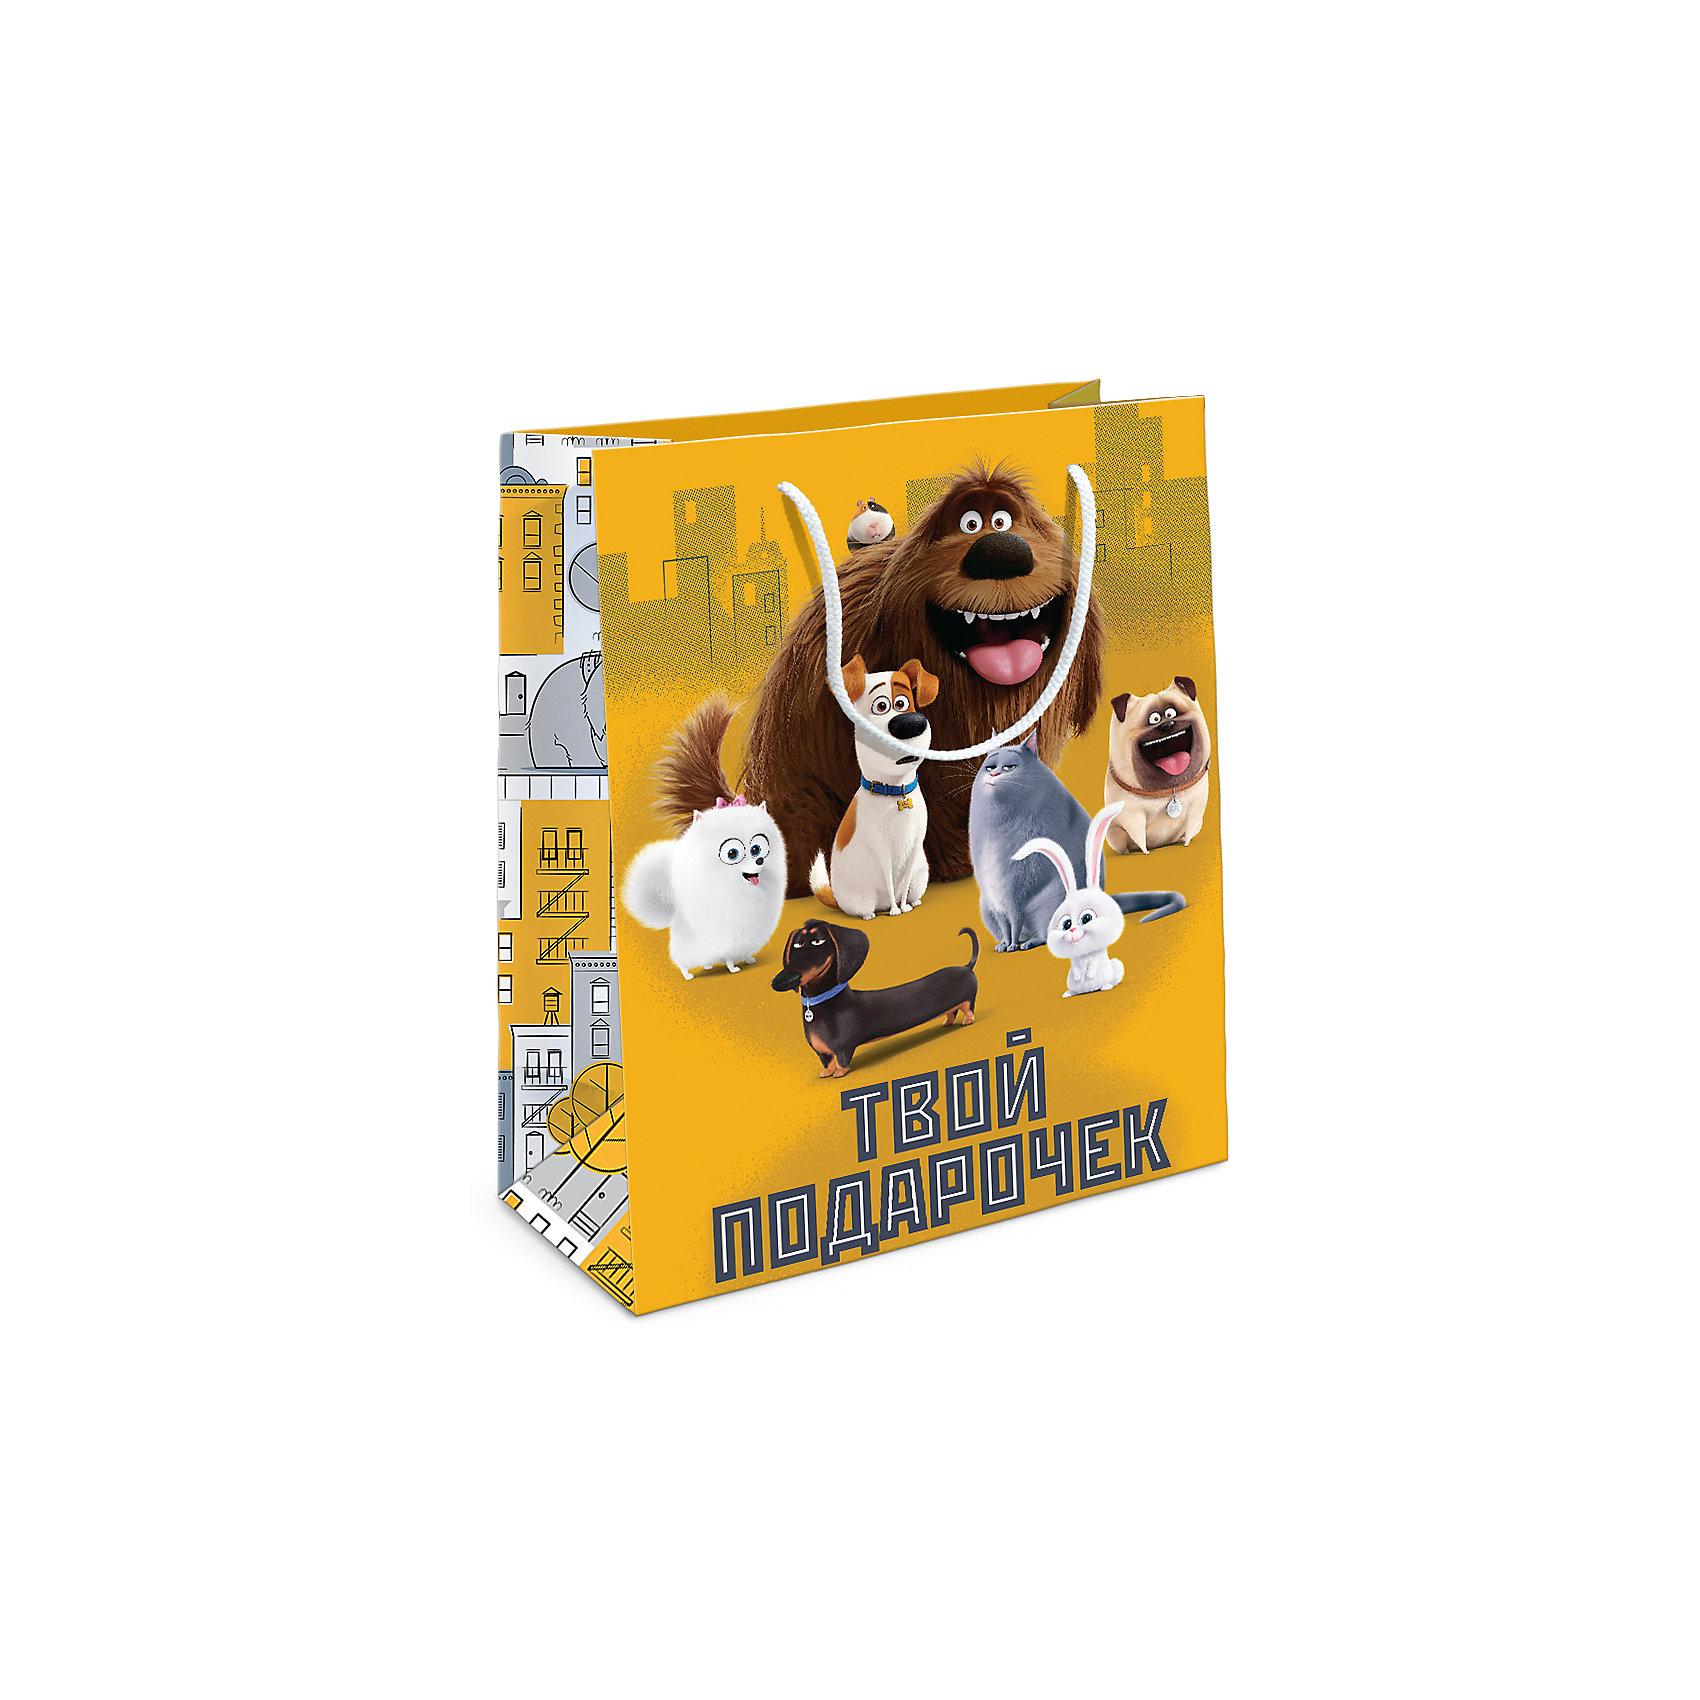 Росмэн Пакет подарочный The Secret life of pets 230*180*100 пакет подарочный росмэн тираннозавр рекс 230 180 100мм